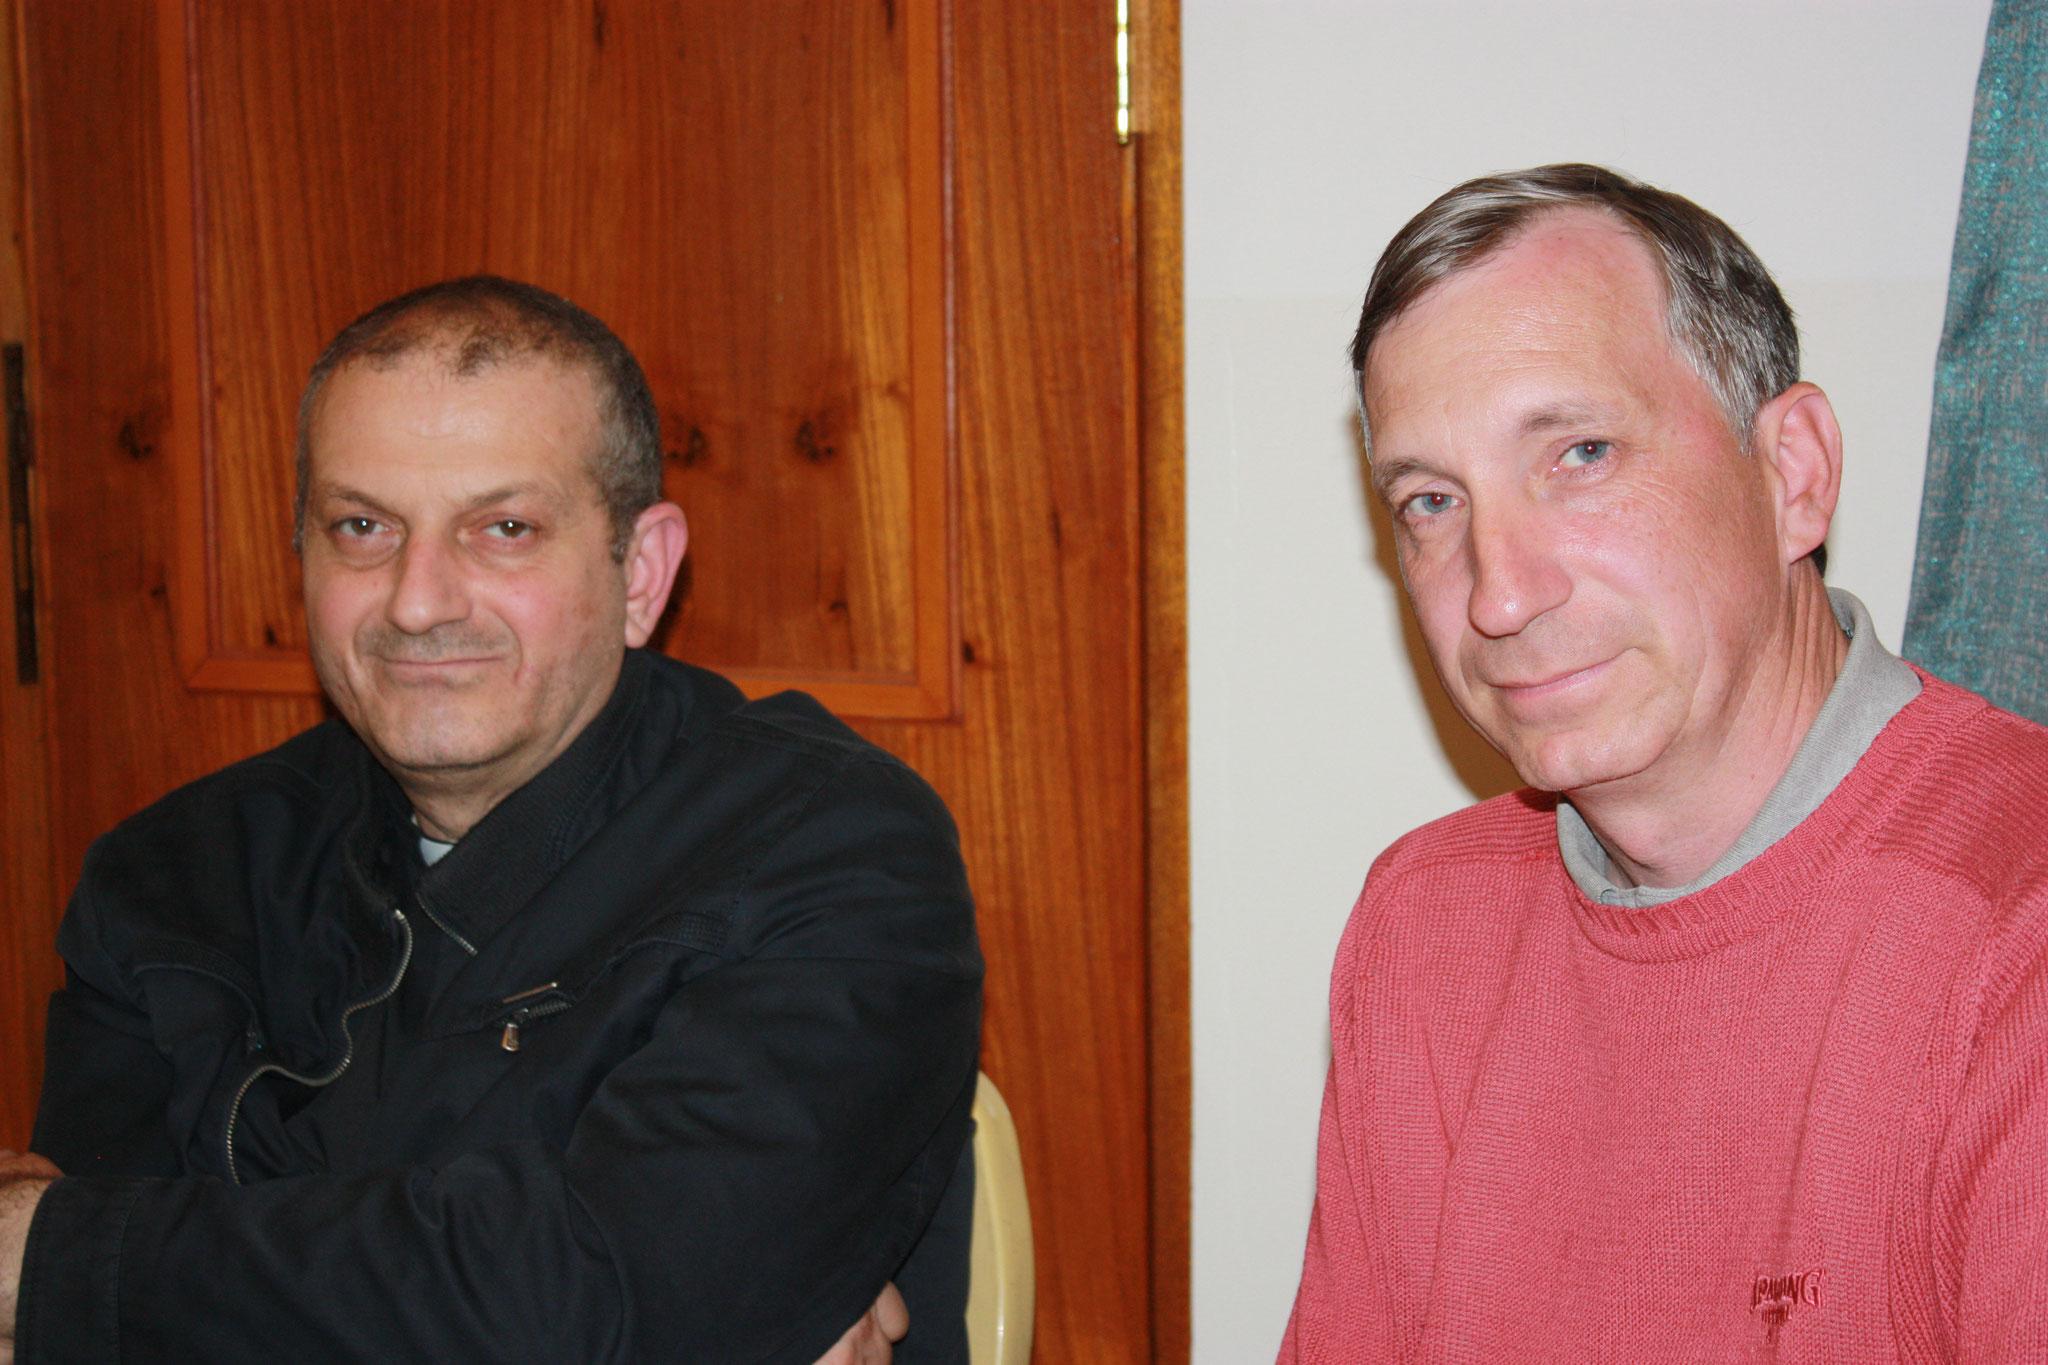 ICO-Projektkoordinator Stefan Maier im Gespräch mit Pater Jaques Mourad, der in Syrien 5 Monate lang Geisel islamistischer Fundamentalisten war